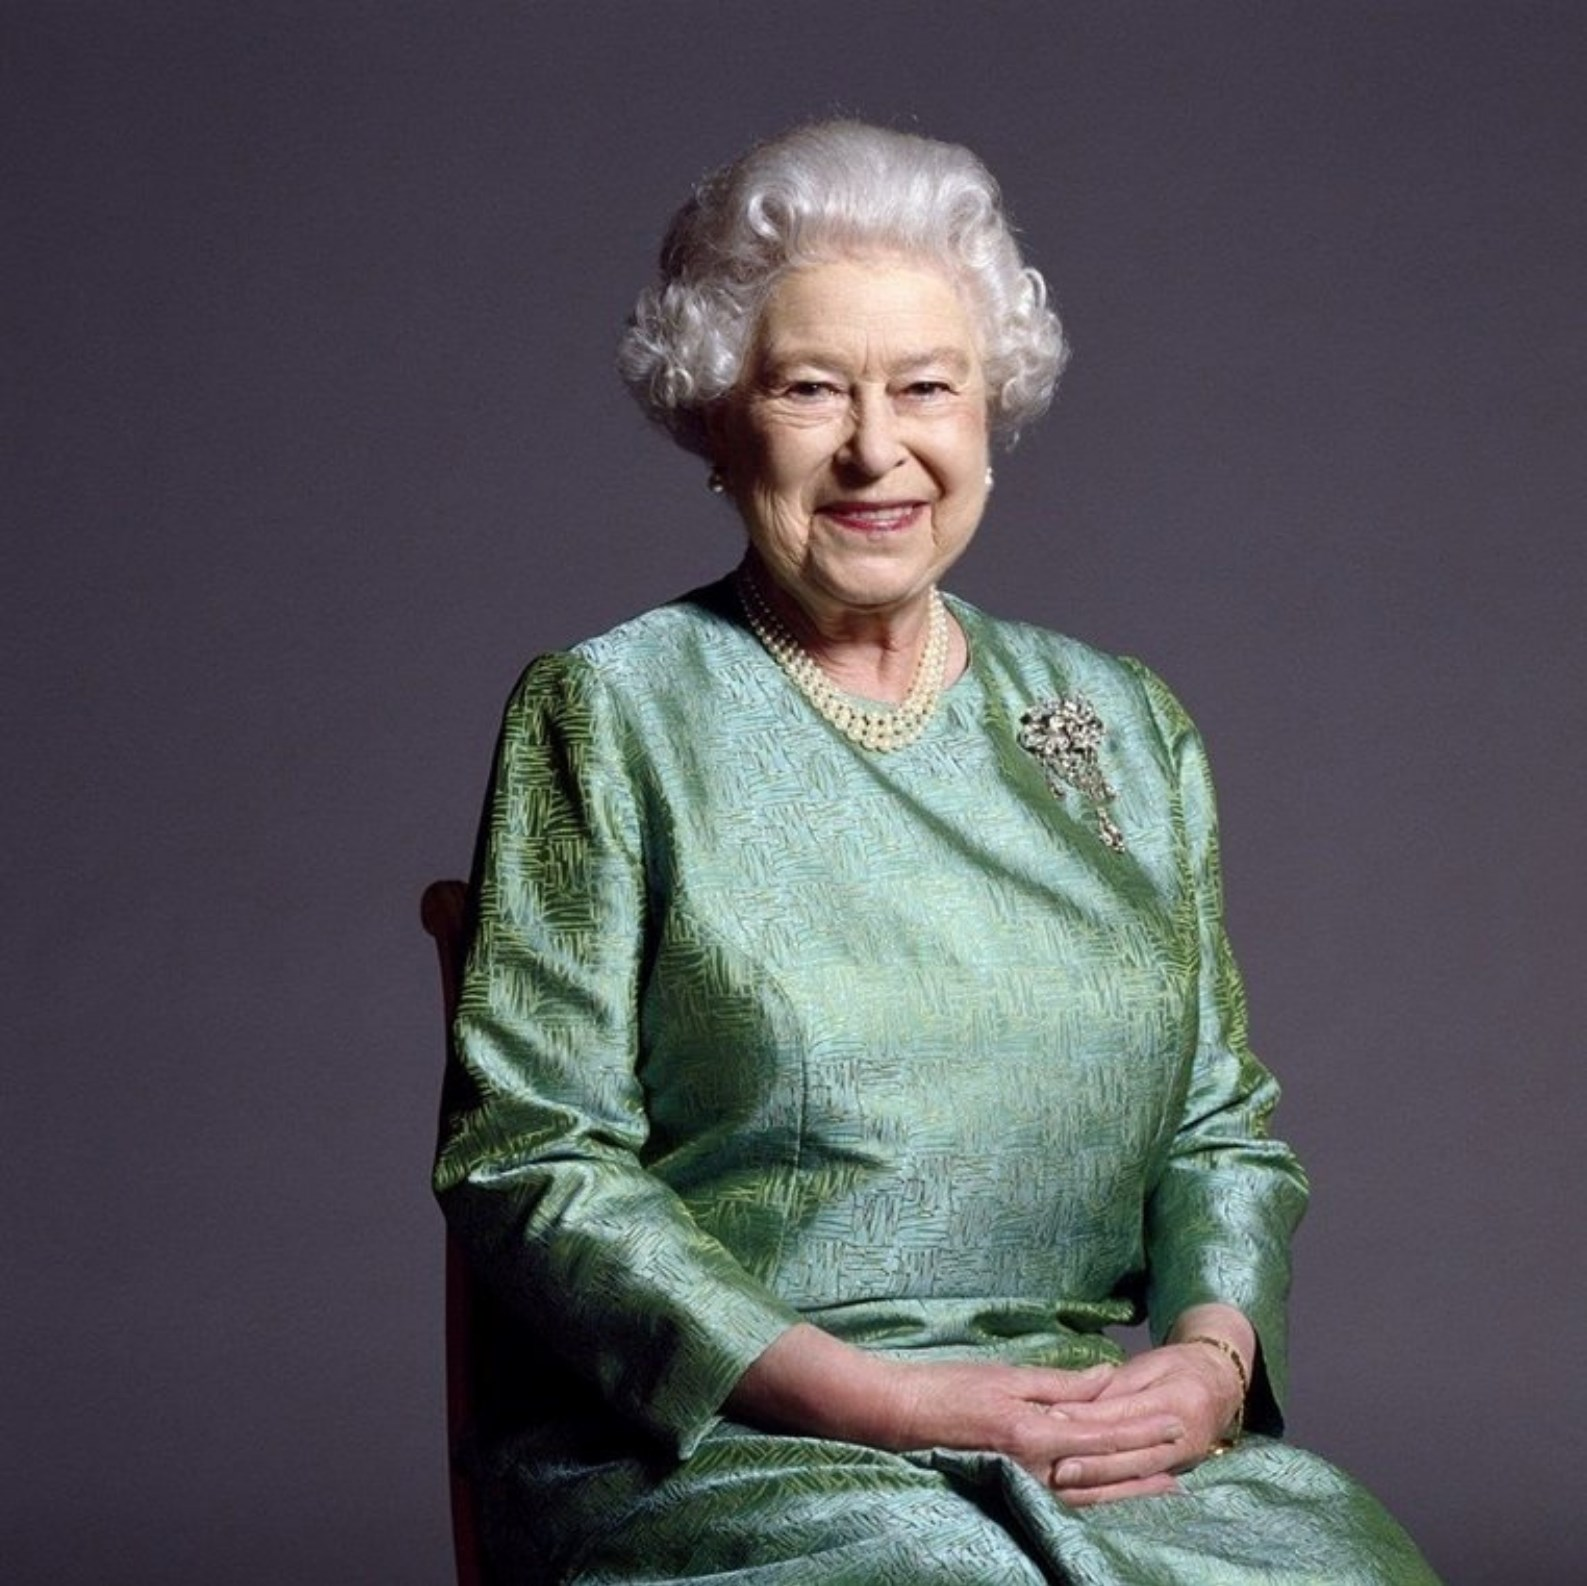 fotografie královny Alžběty